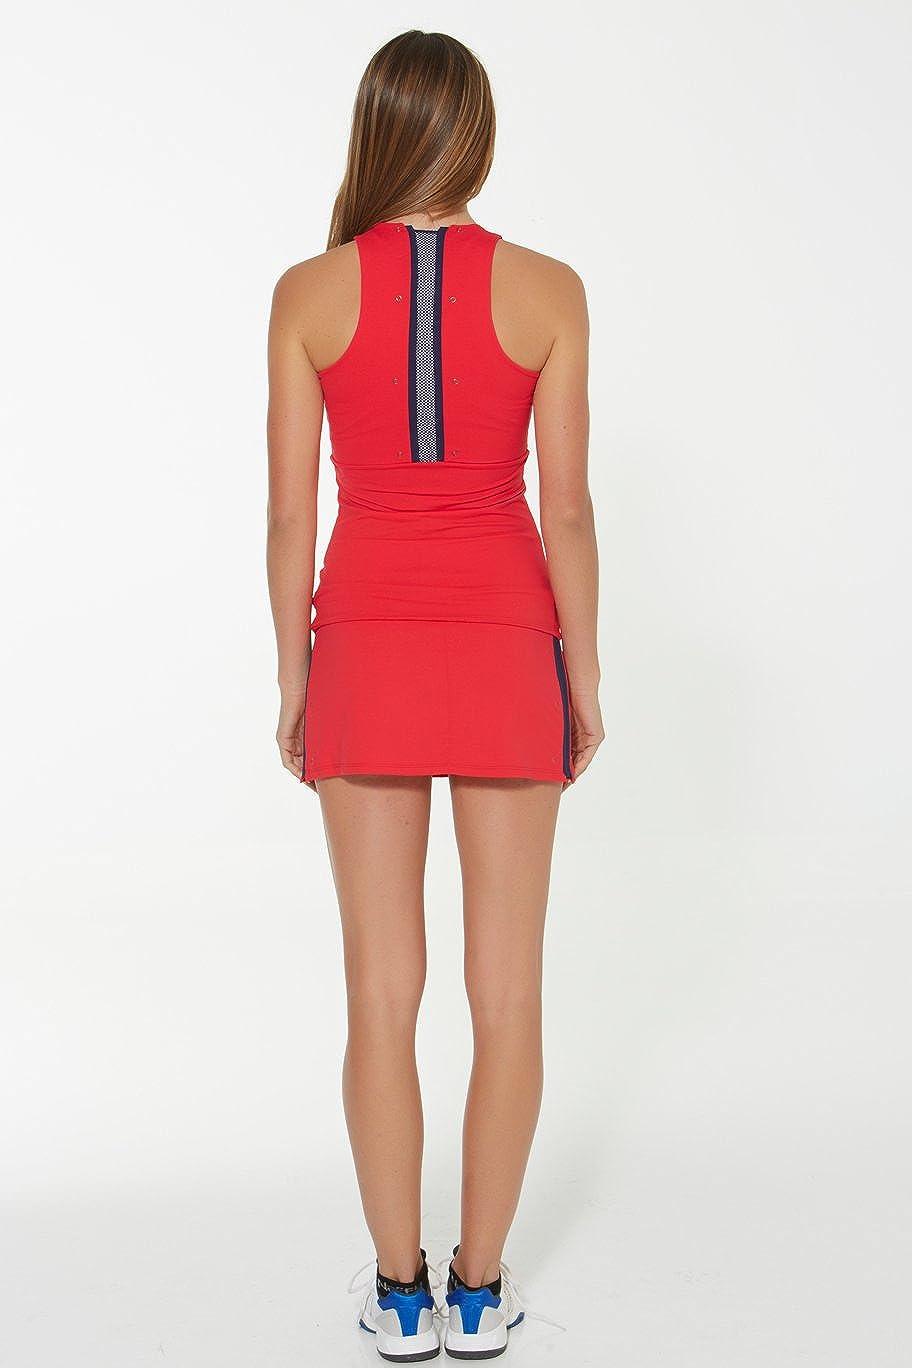 Naffta Tenis Padel - Camiseta Asas para Mujer, Color Rojo ...